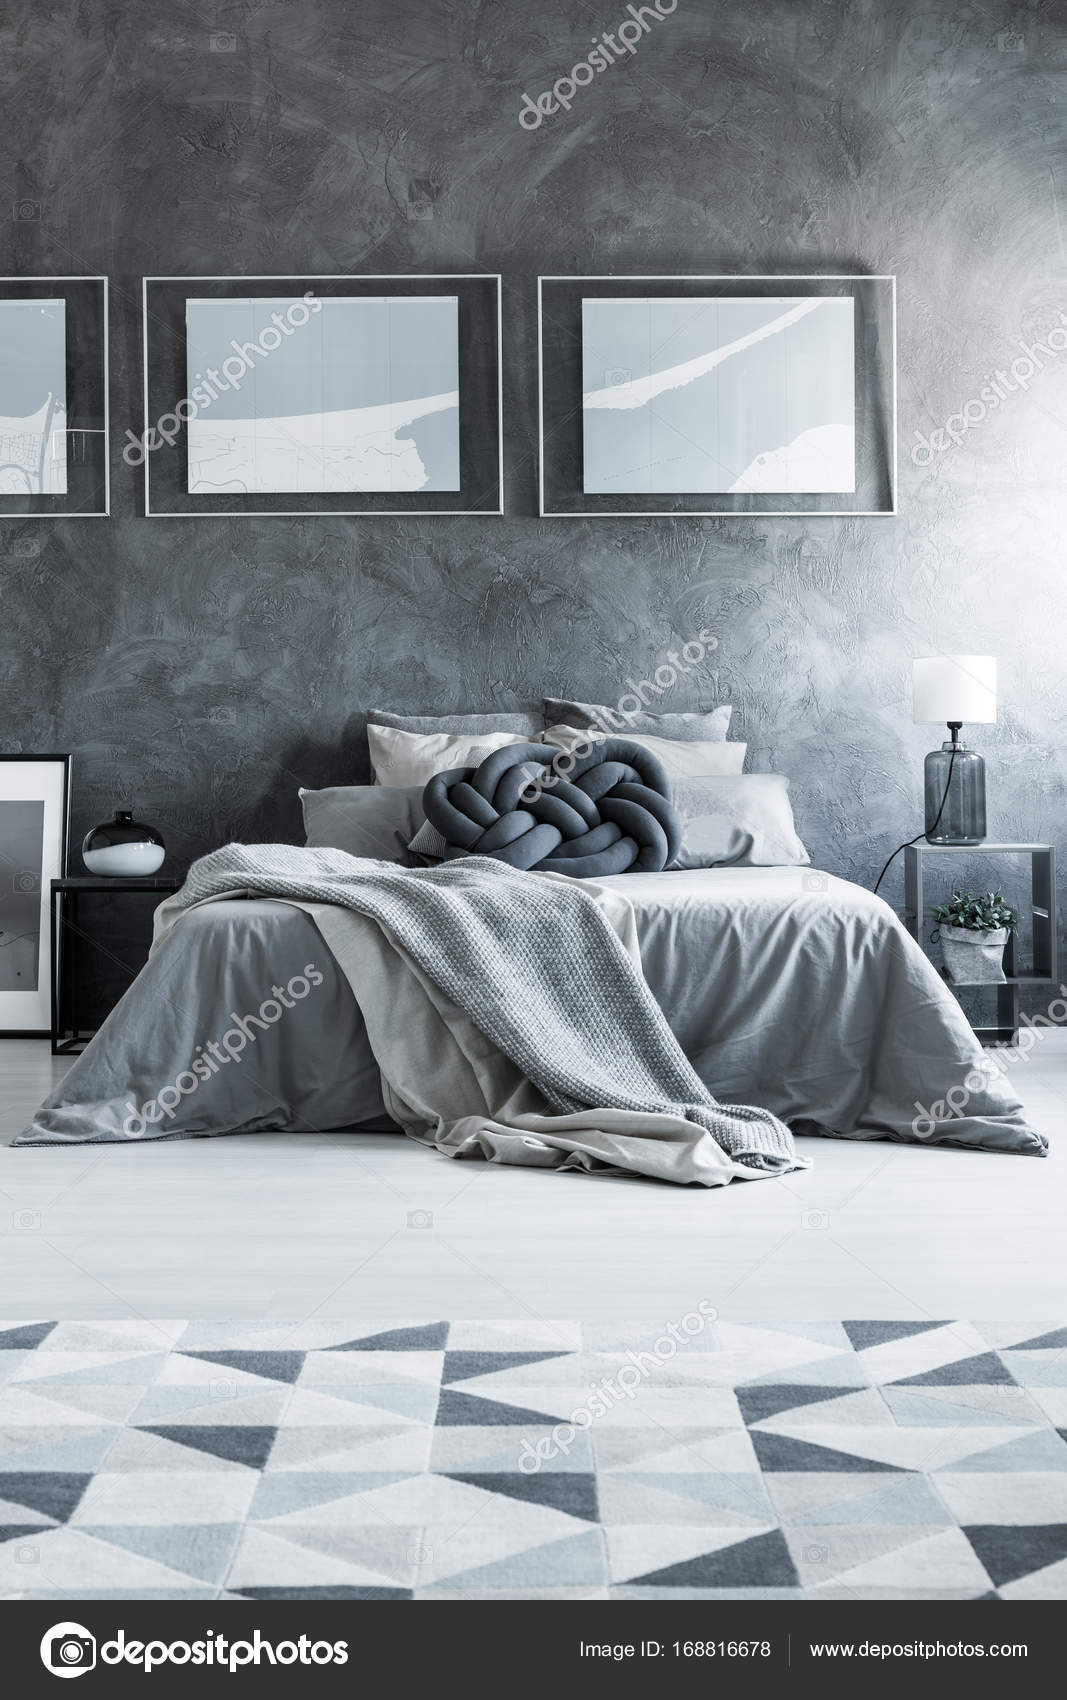 https://st3.depositphotos.com/2249091/16881/i/1600/depositphotos_168816678-stockafbeelding-grijze-slaapkamer-met-geometrische-tapijt.jpg